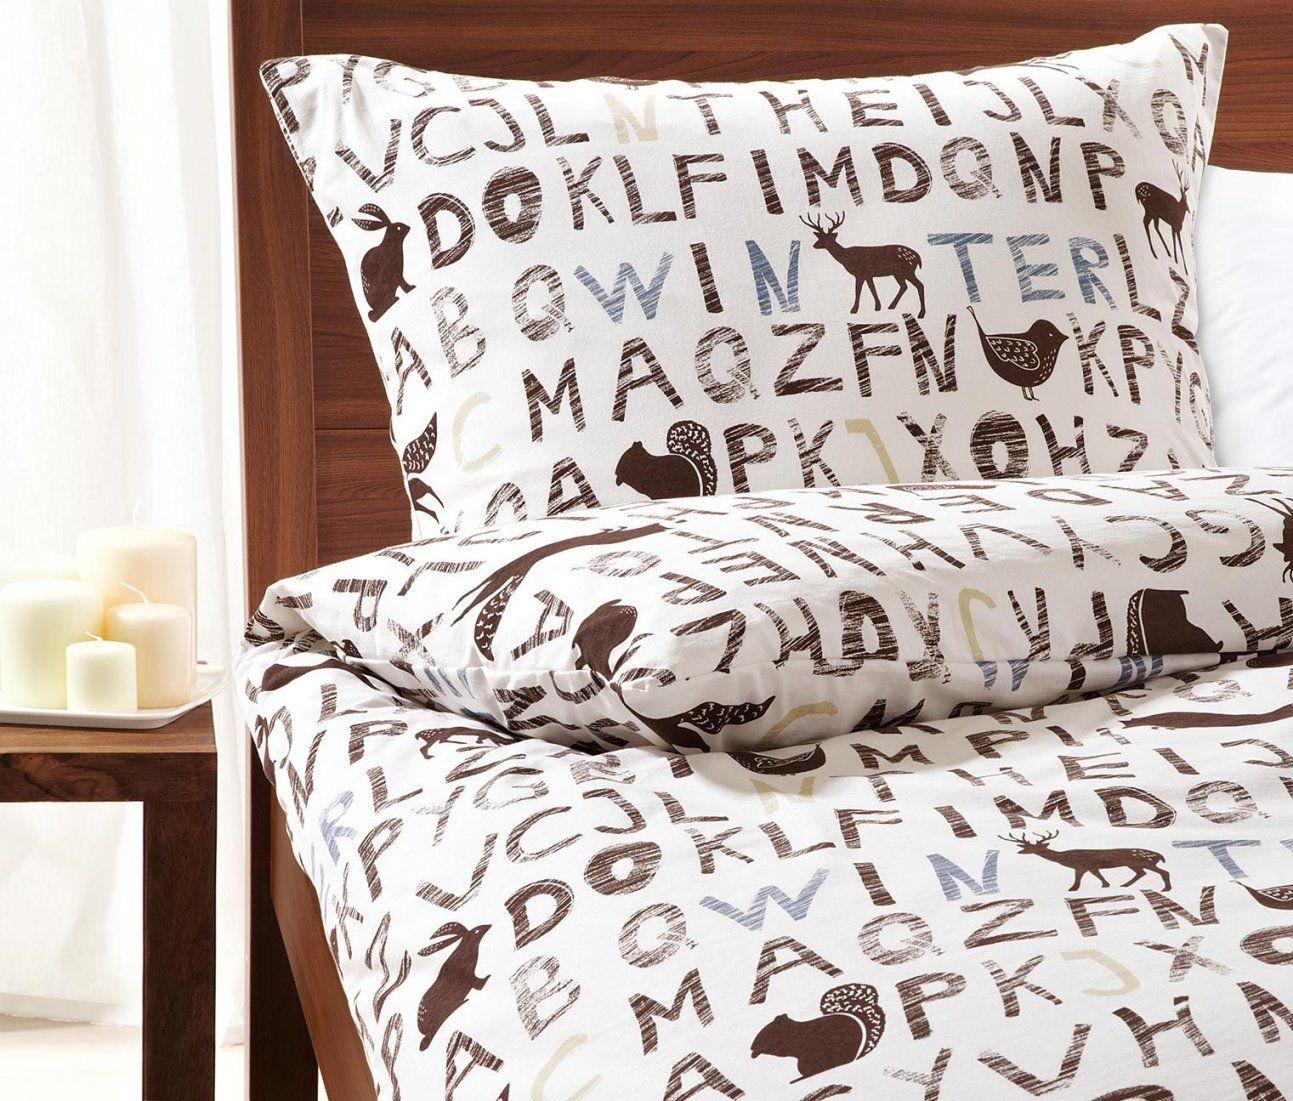 Jetzt Aber Ab Ins Bett Jerseybettwäsche Mit Buchstaben Und von Tchibo Jersey Bettwäsche Bild